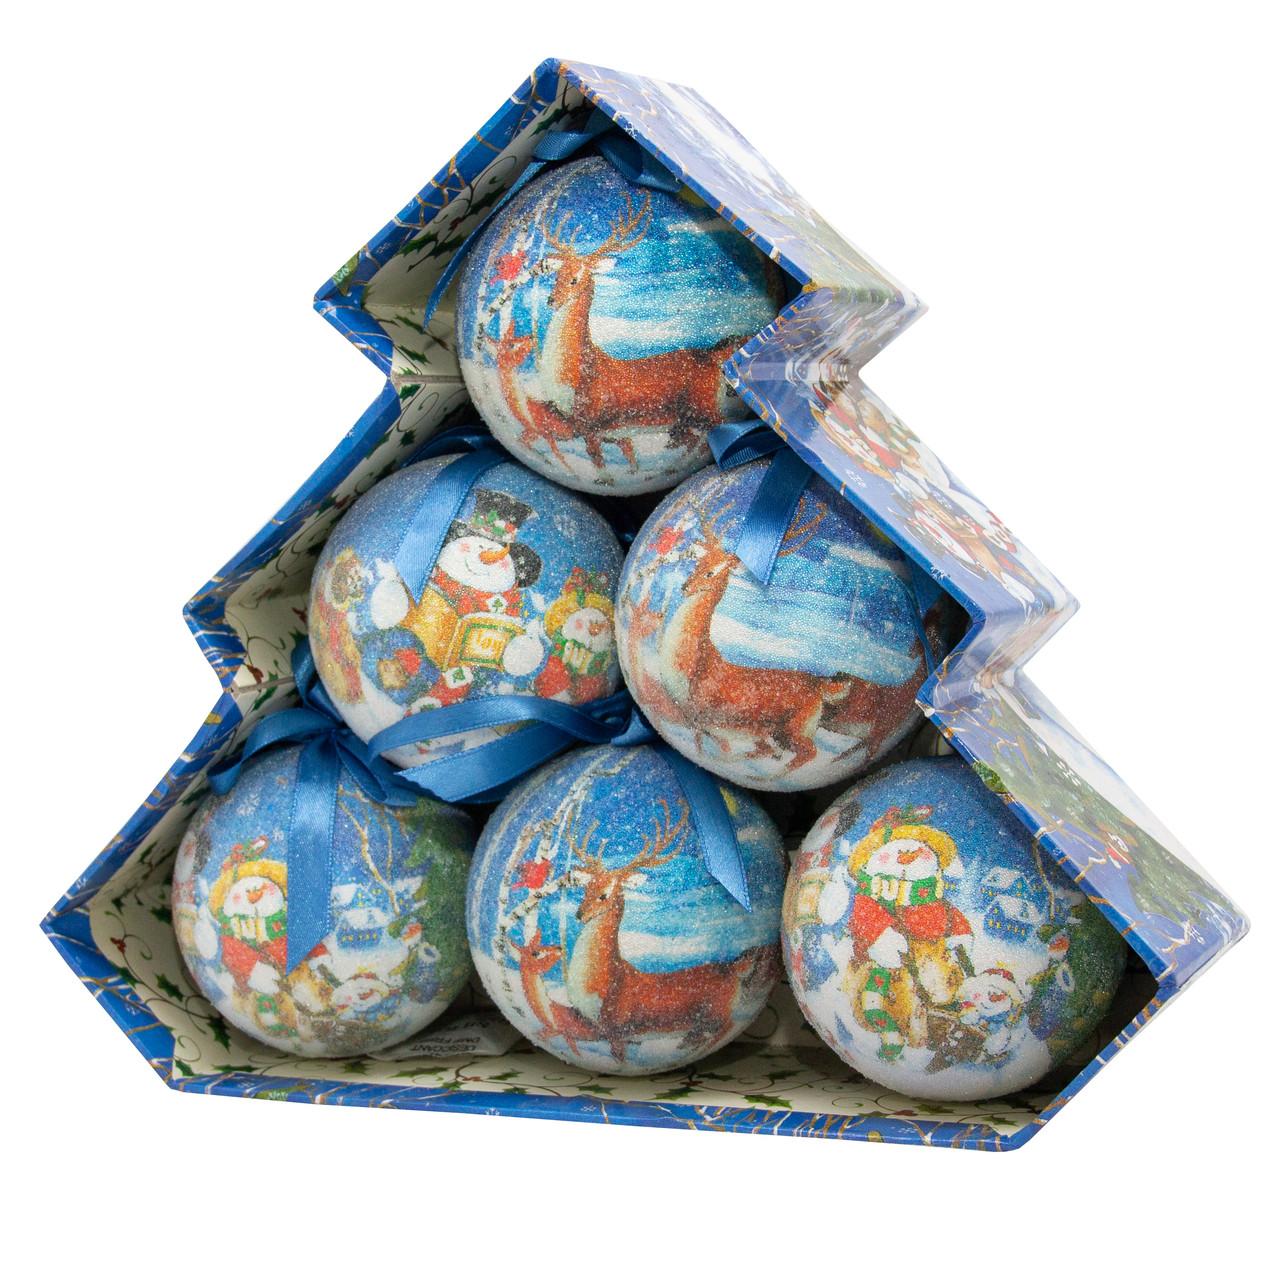 Набір ялинкових іграшок - кулі Сніговик і Олень, 6 шт, D7,5 см, різнокольоровий, пінопласт, папір (420056-4)